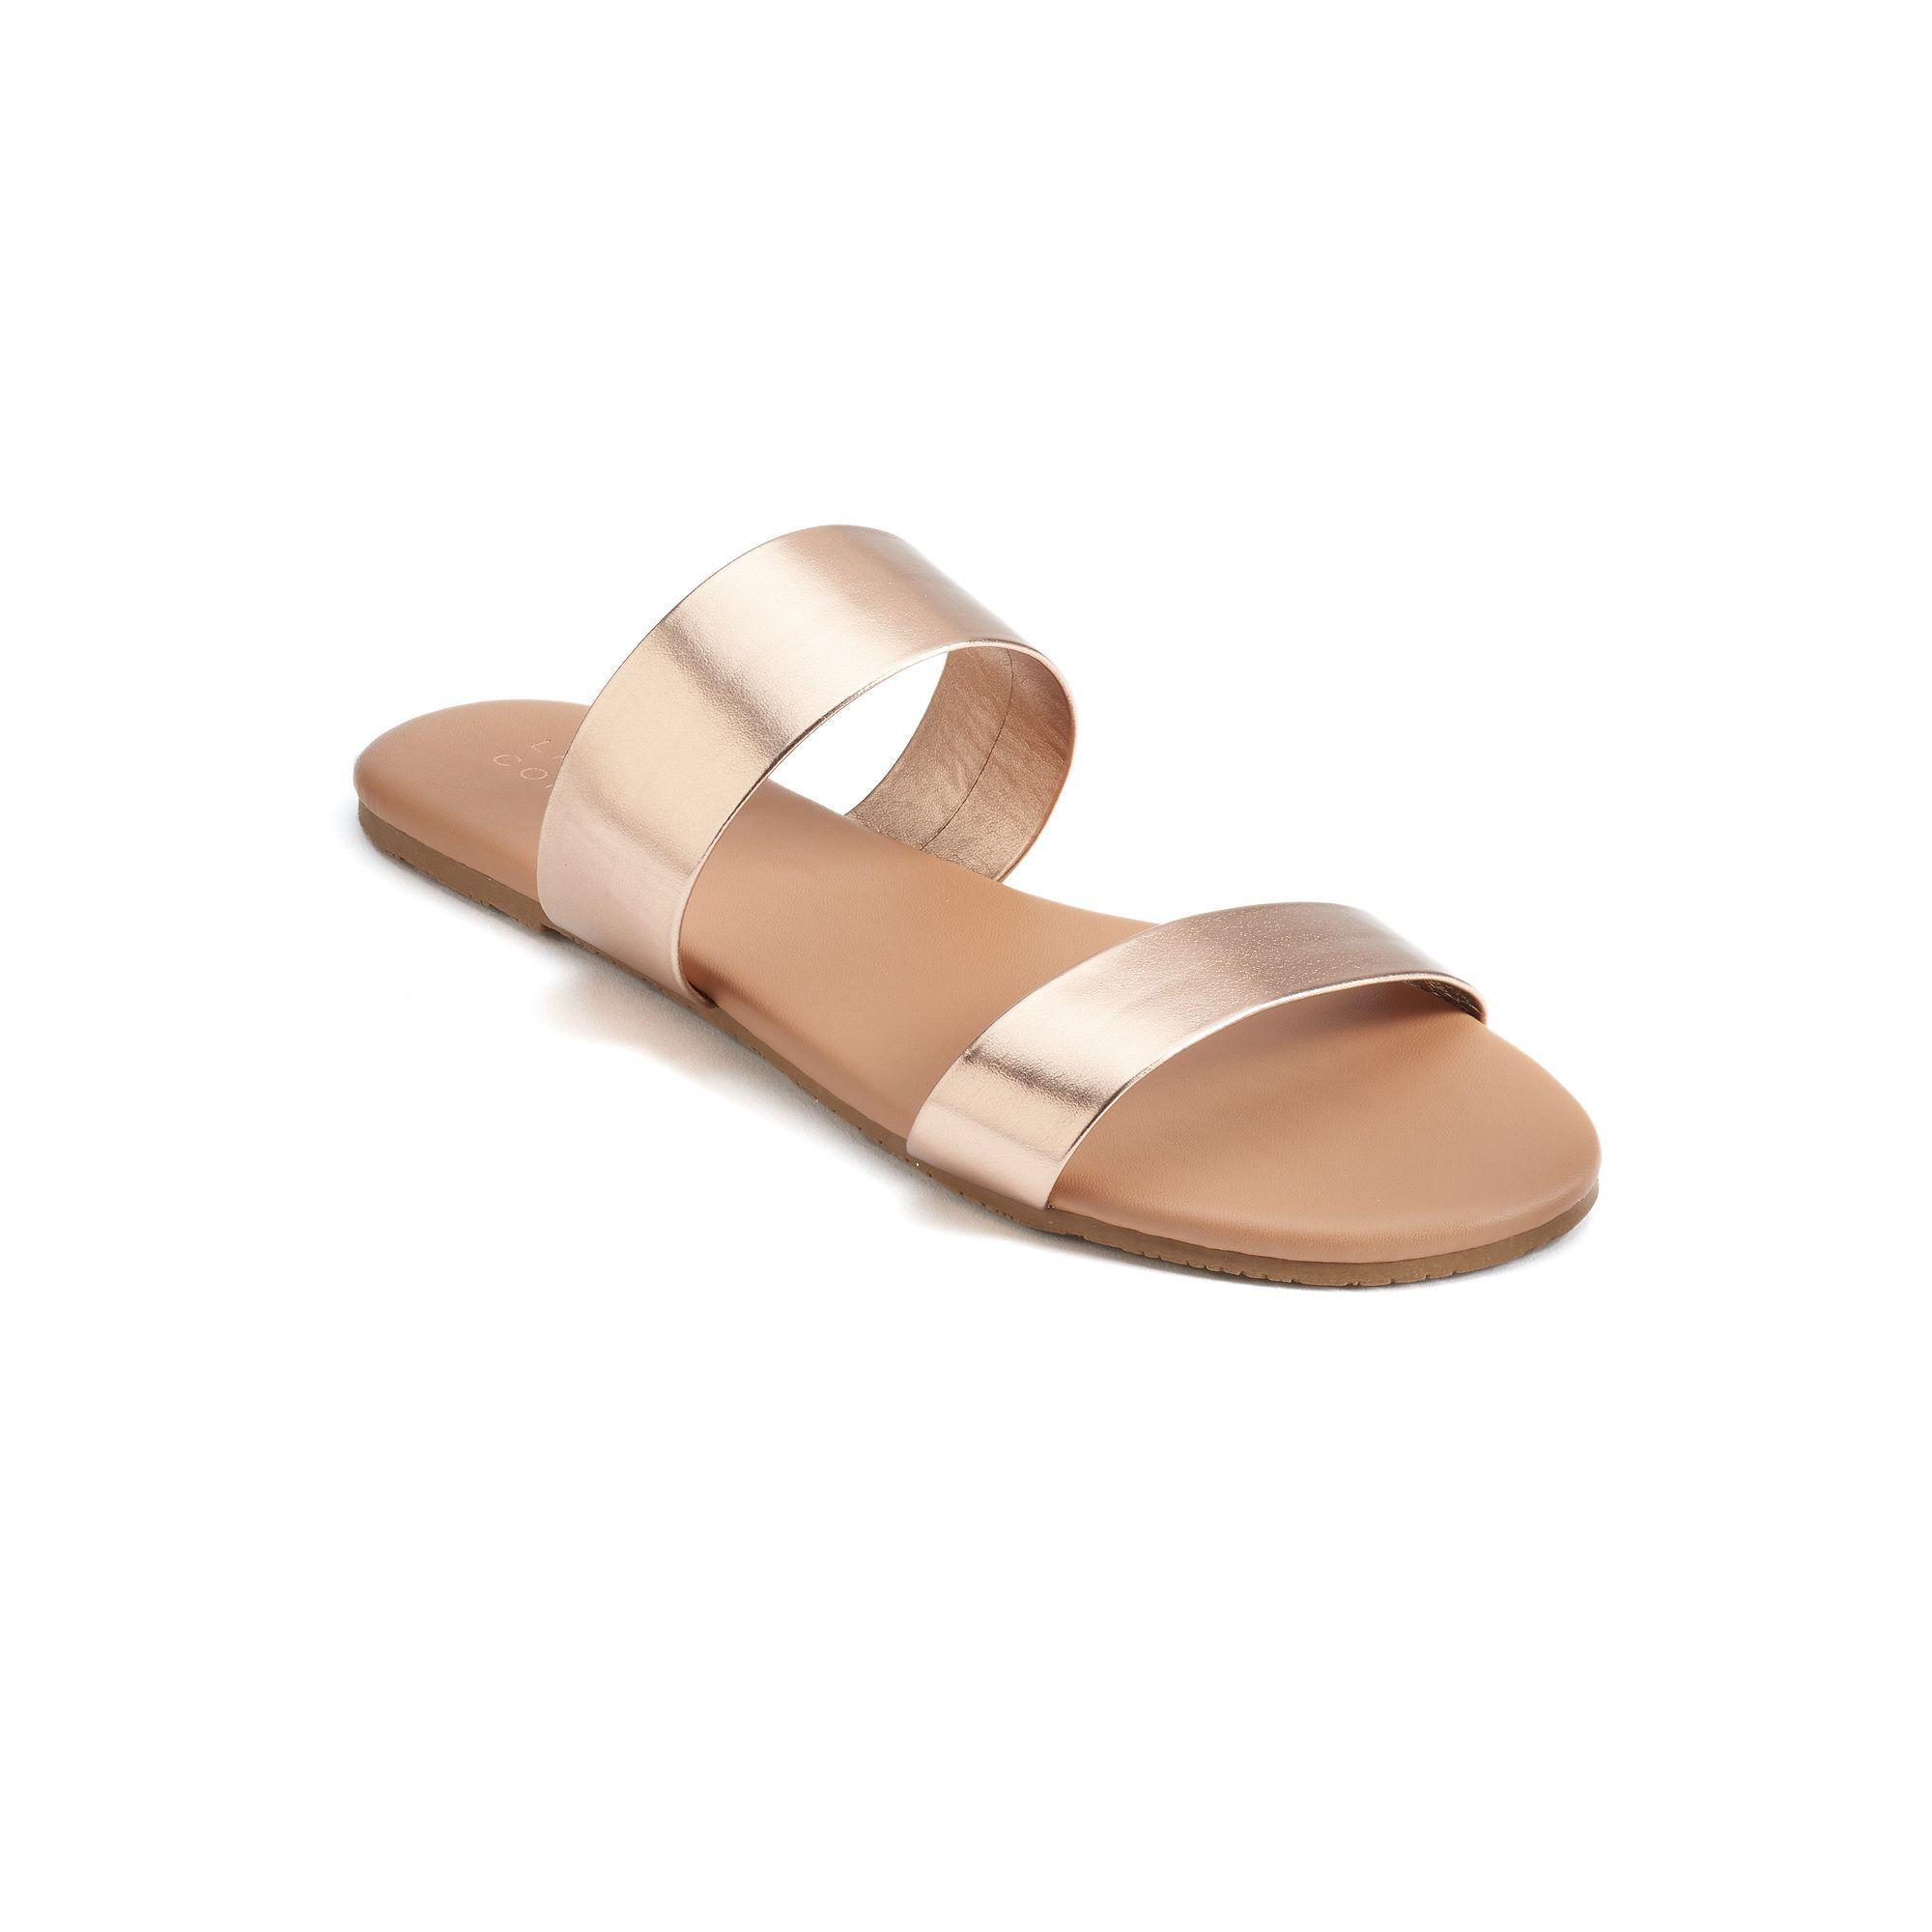 LC Lauren Conrad Platform Wedge Sandals - Women